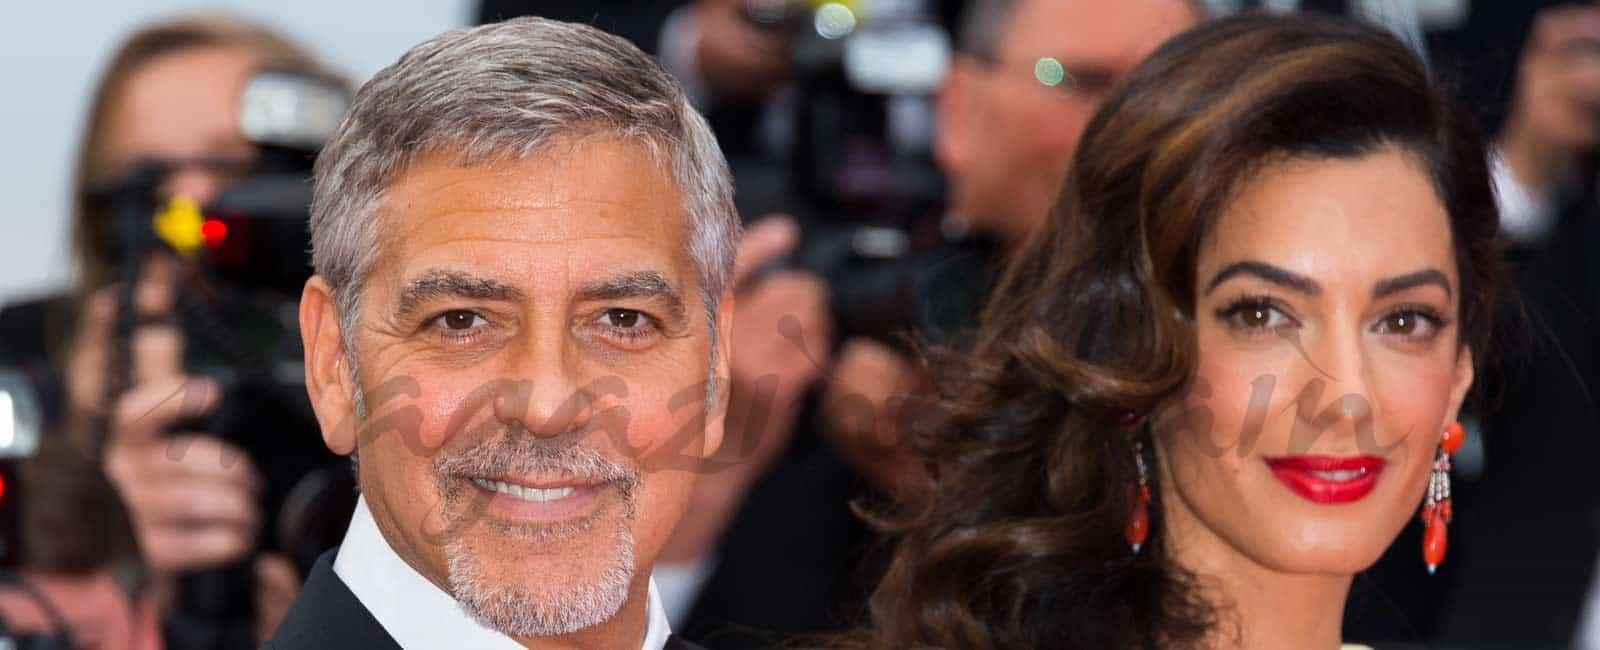 George Clooney y Amal Alamuddin, ¿boda por contrato?